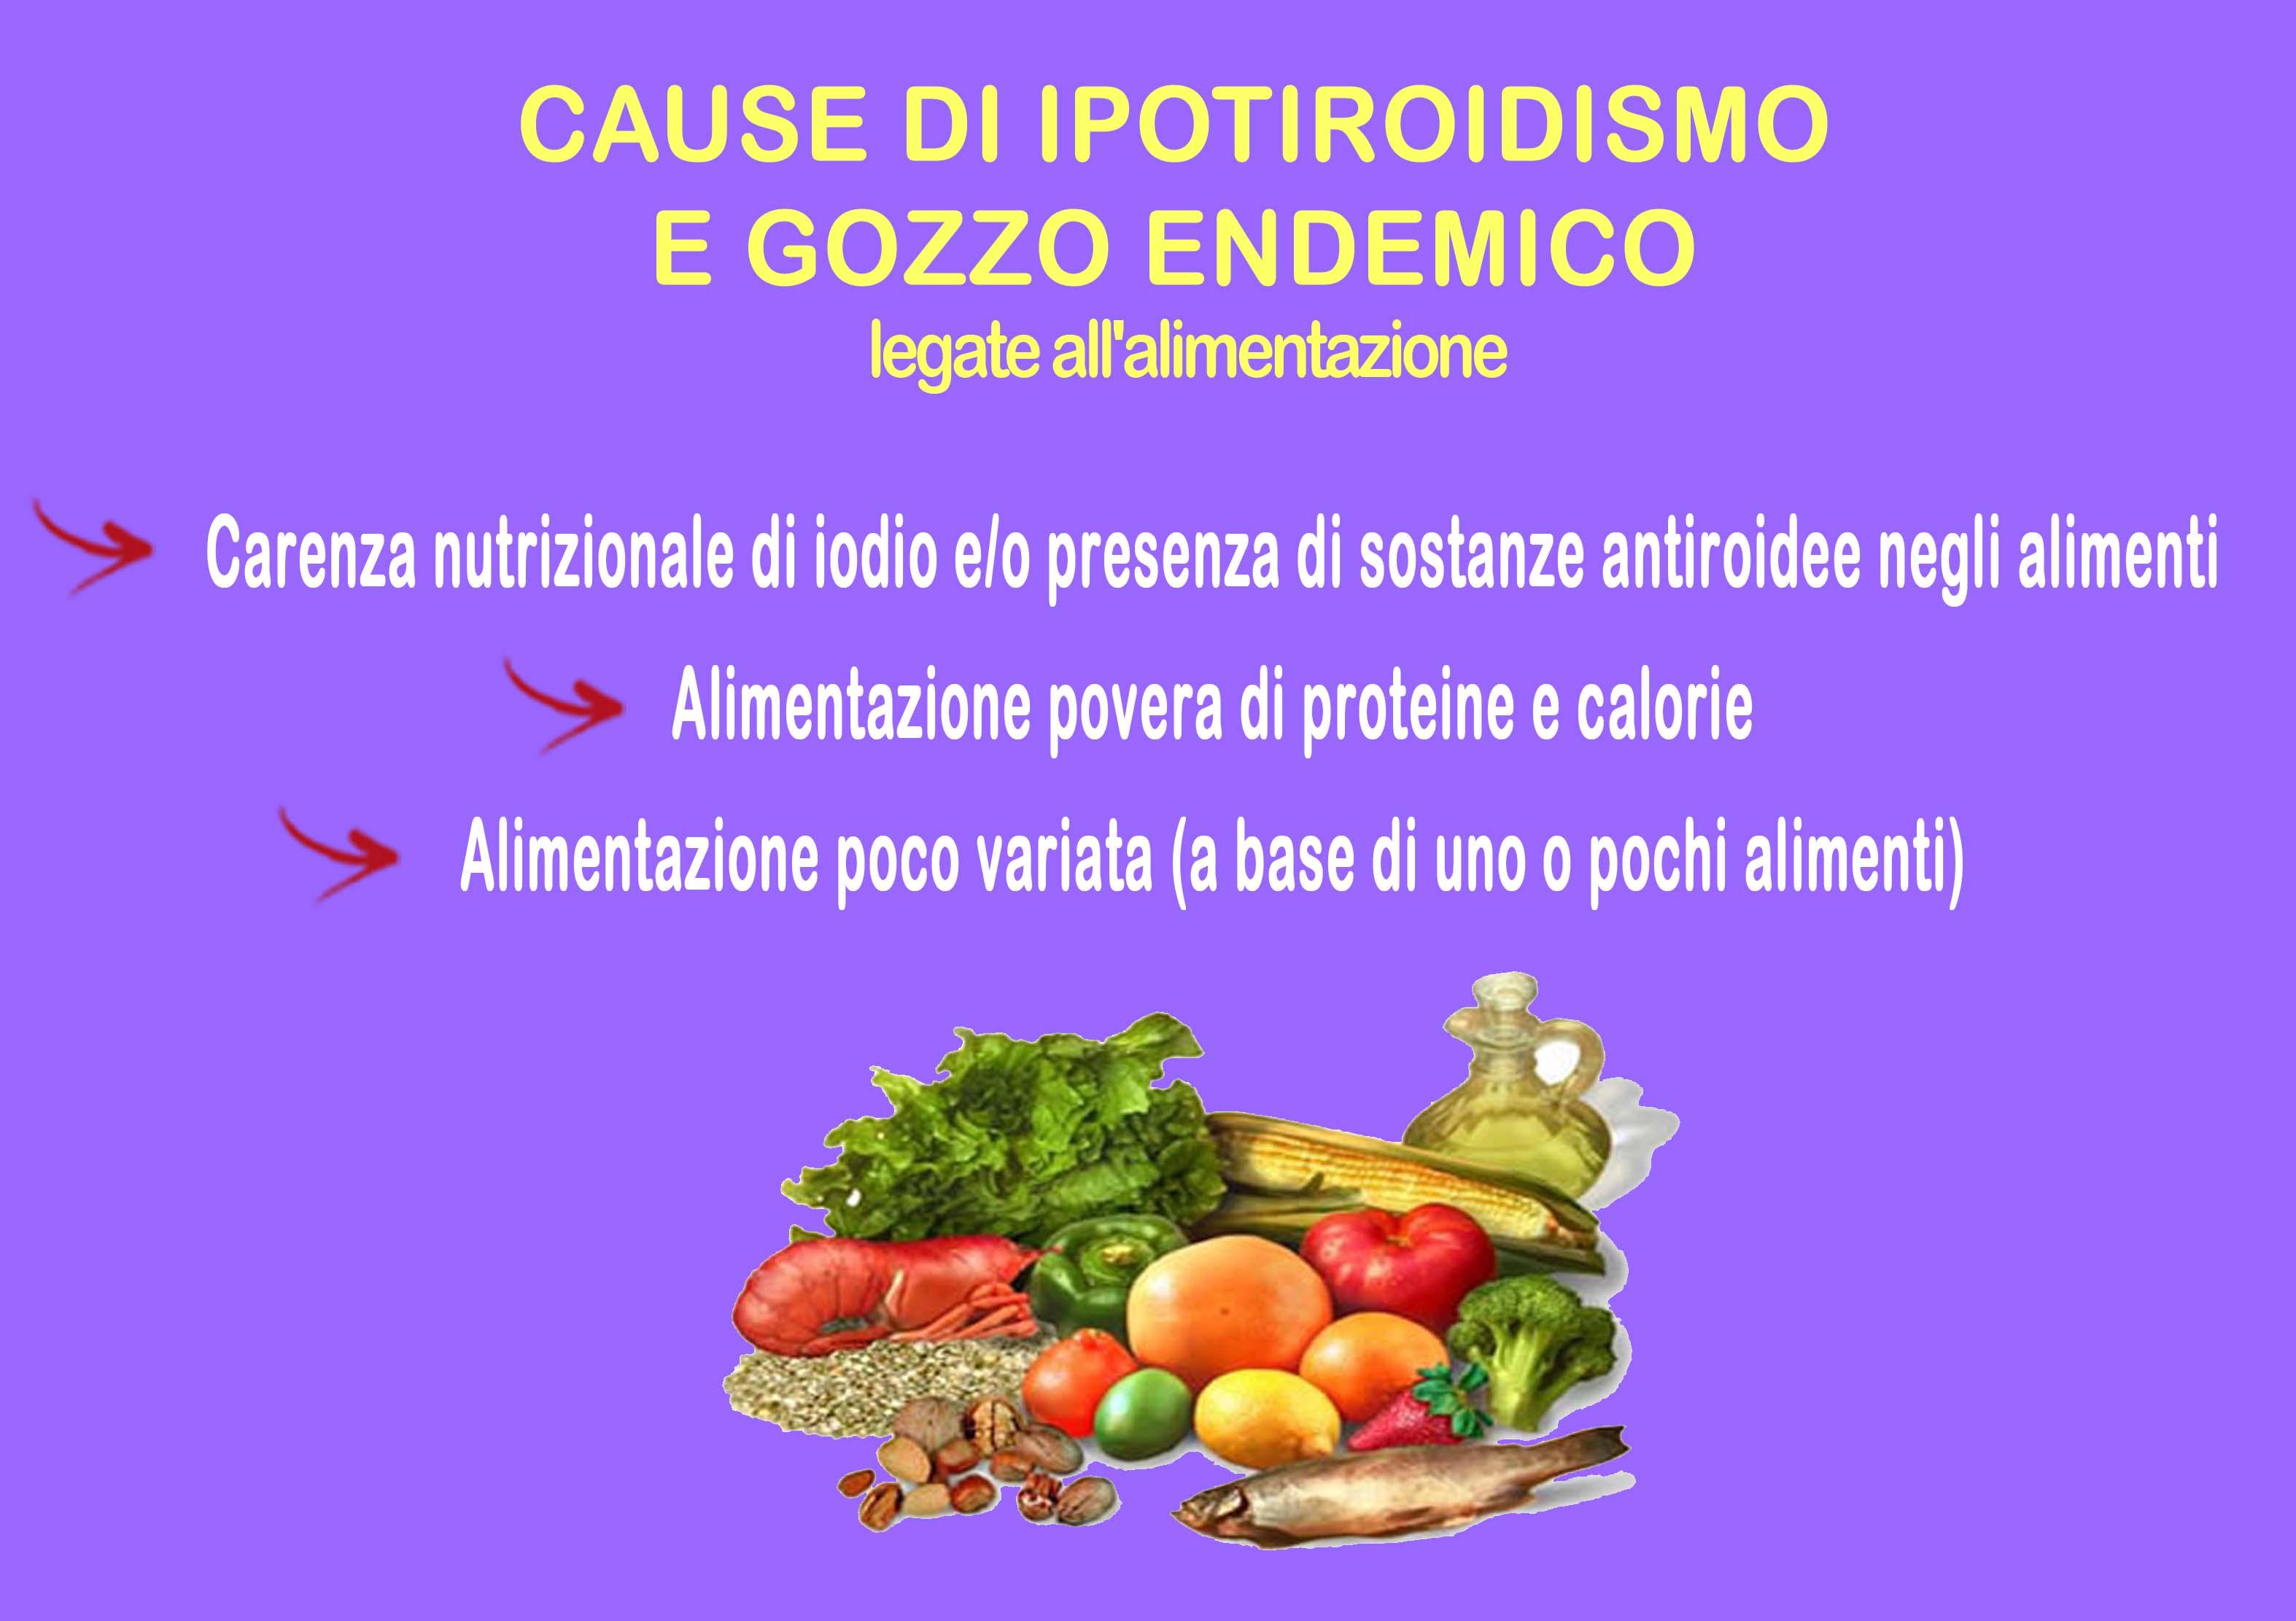 Zucchine con tiroide ipo